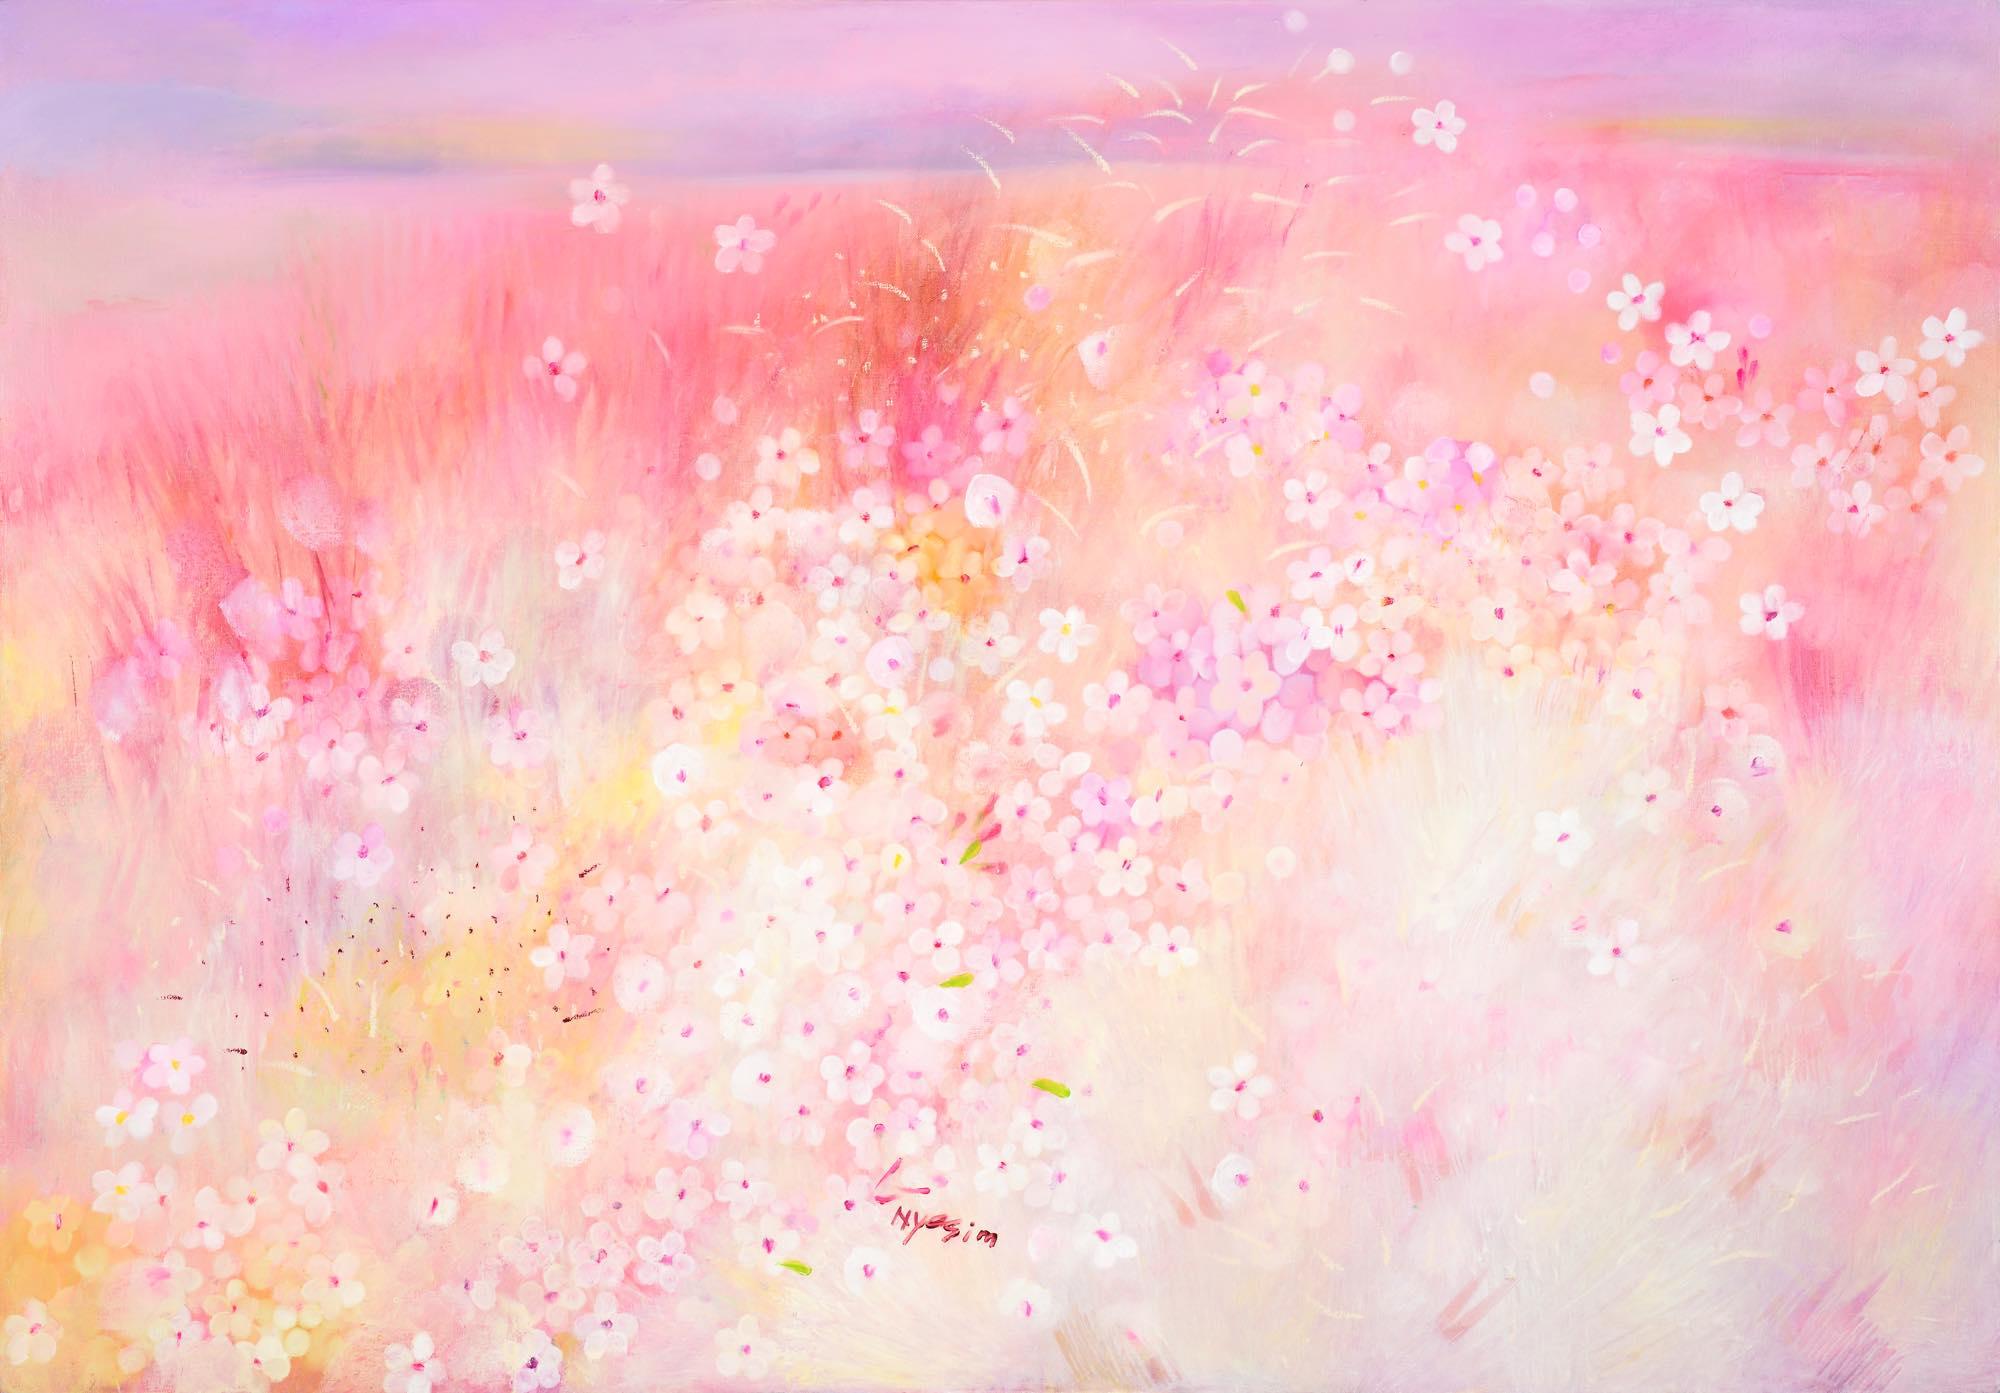 Hyesim Choi, Oil on Canvas, 162cm(W) x 112cm(H), 2021